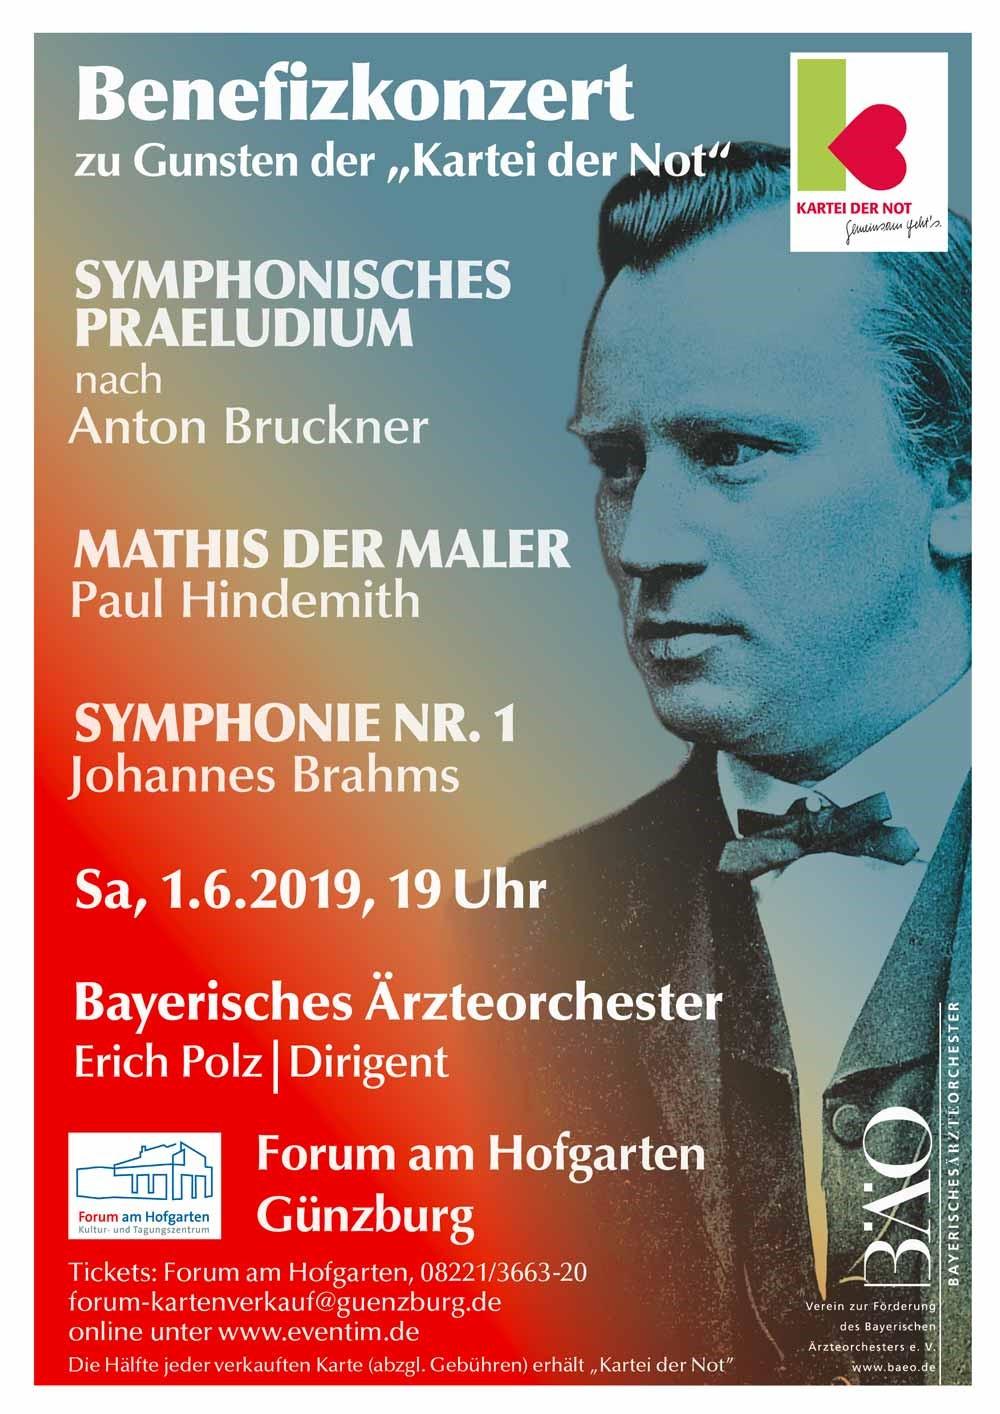 Bayerisches Ärzteorchester, Benefizkonzert zu Gunsten der